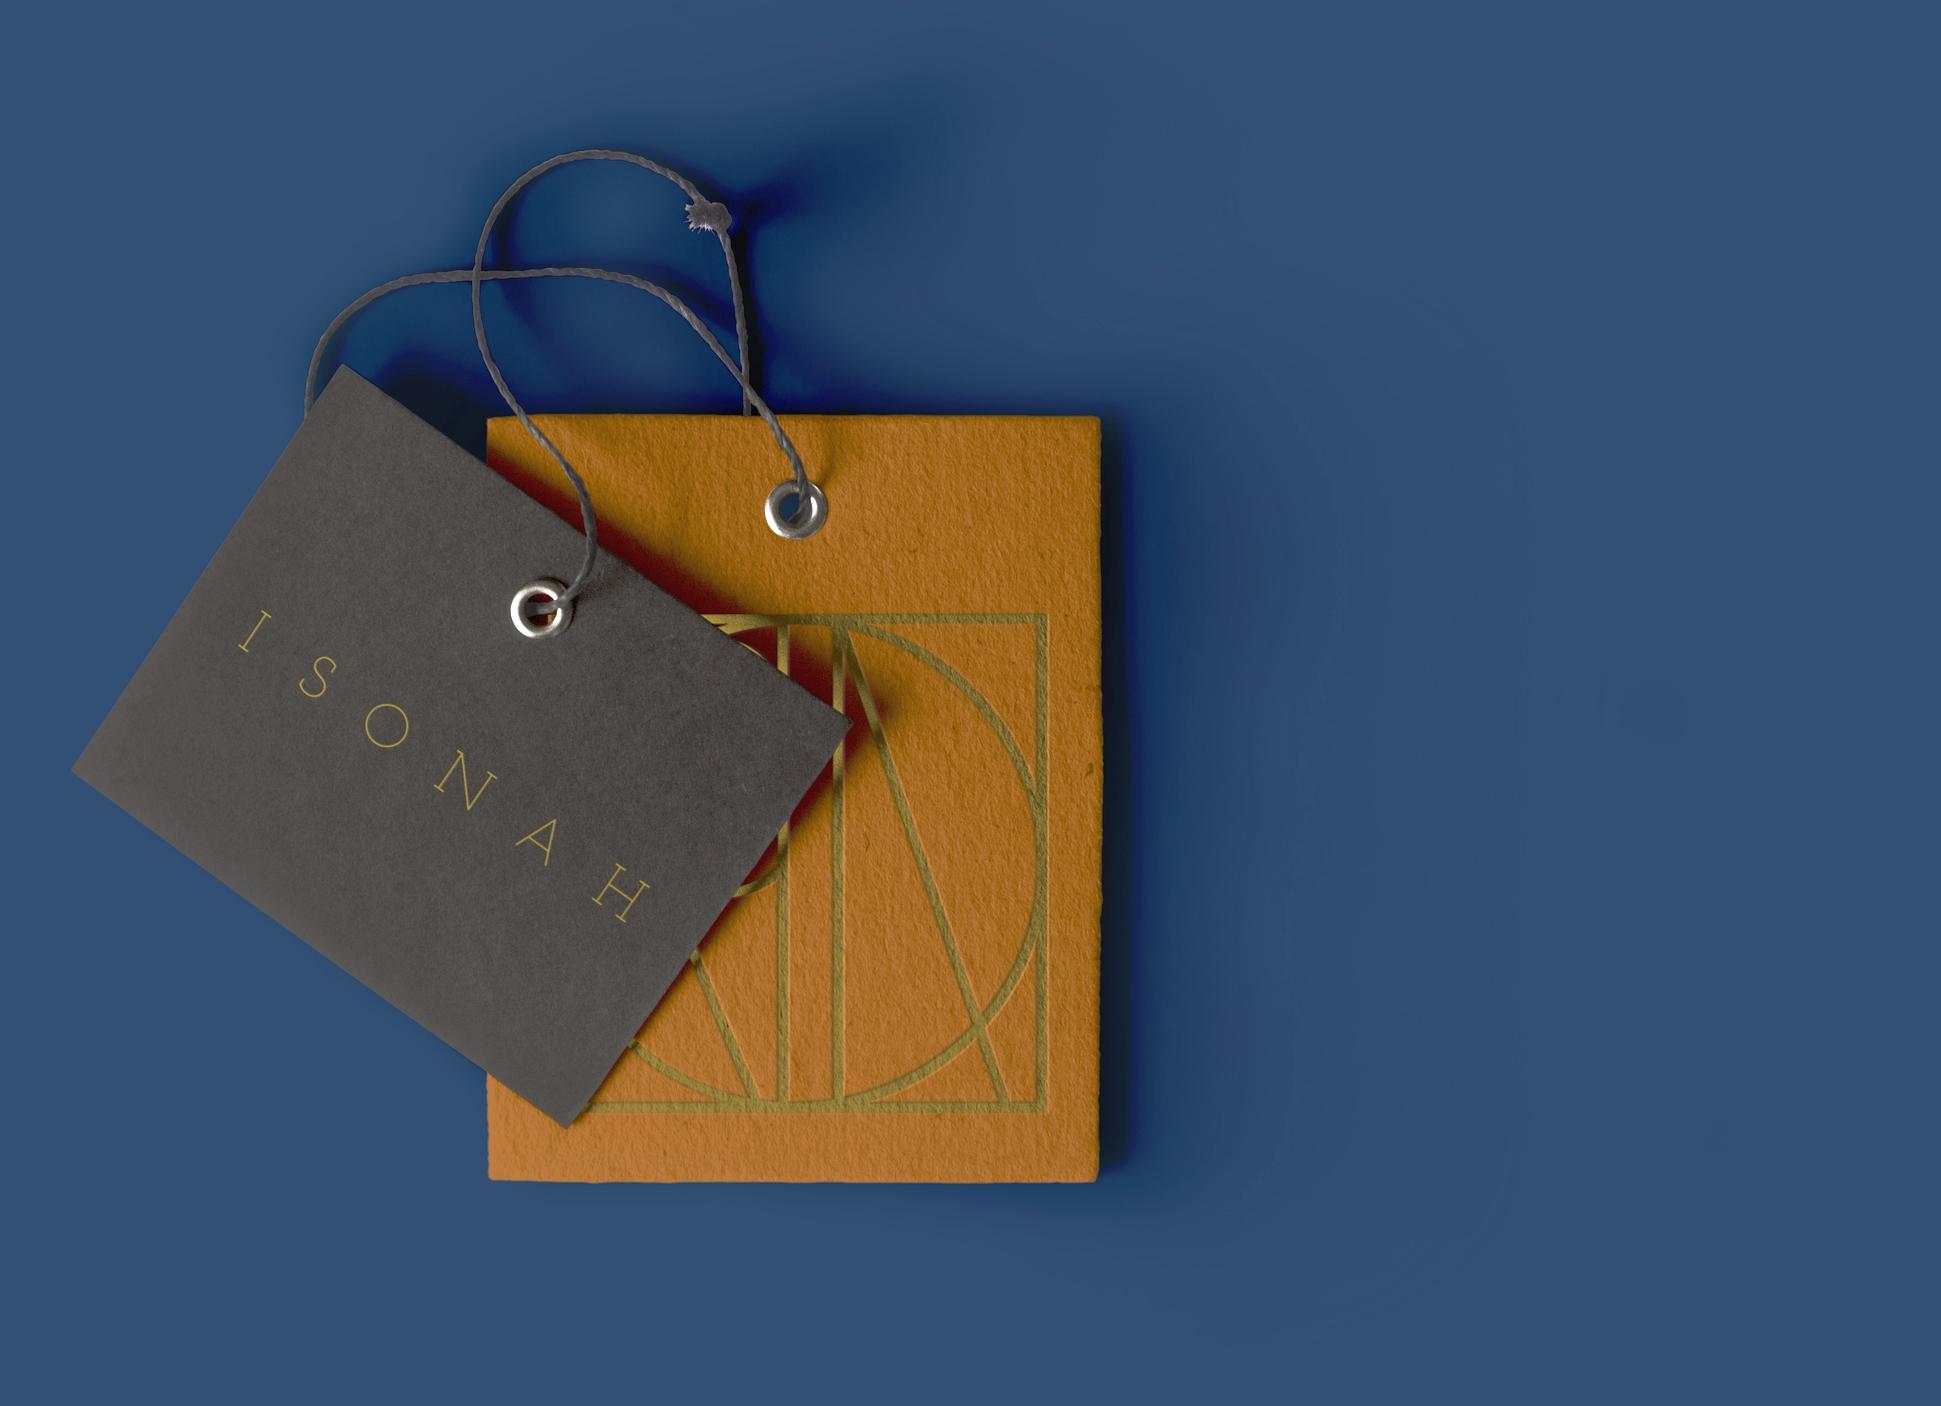 isonah - branding